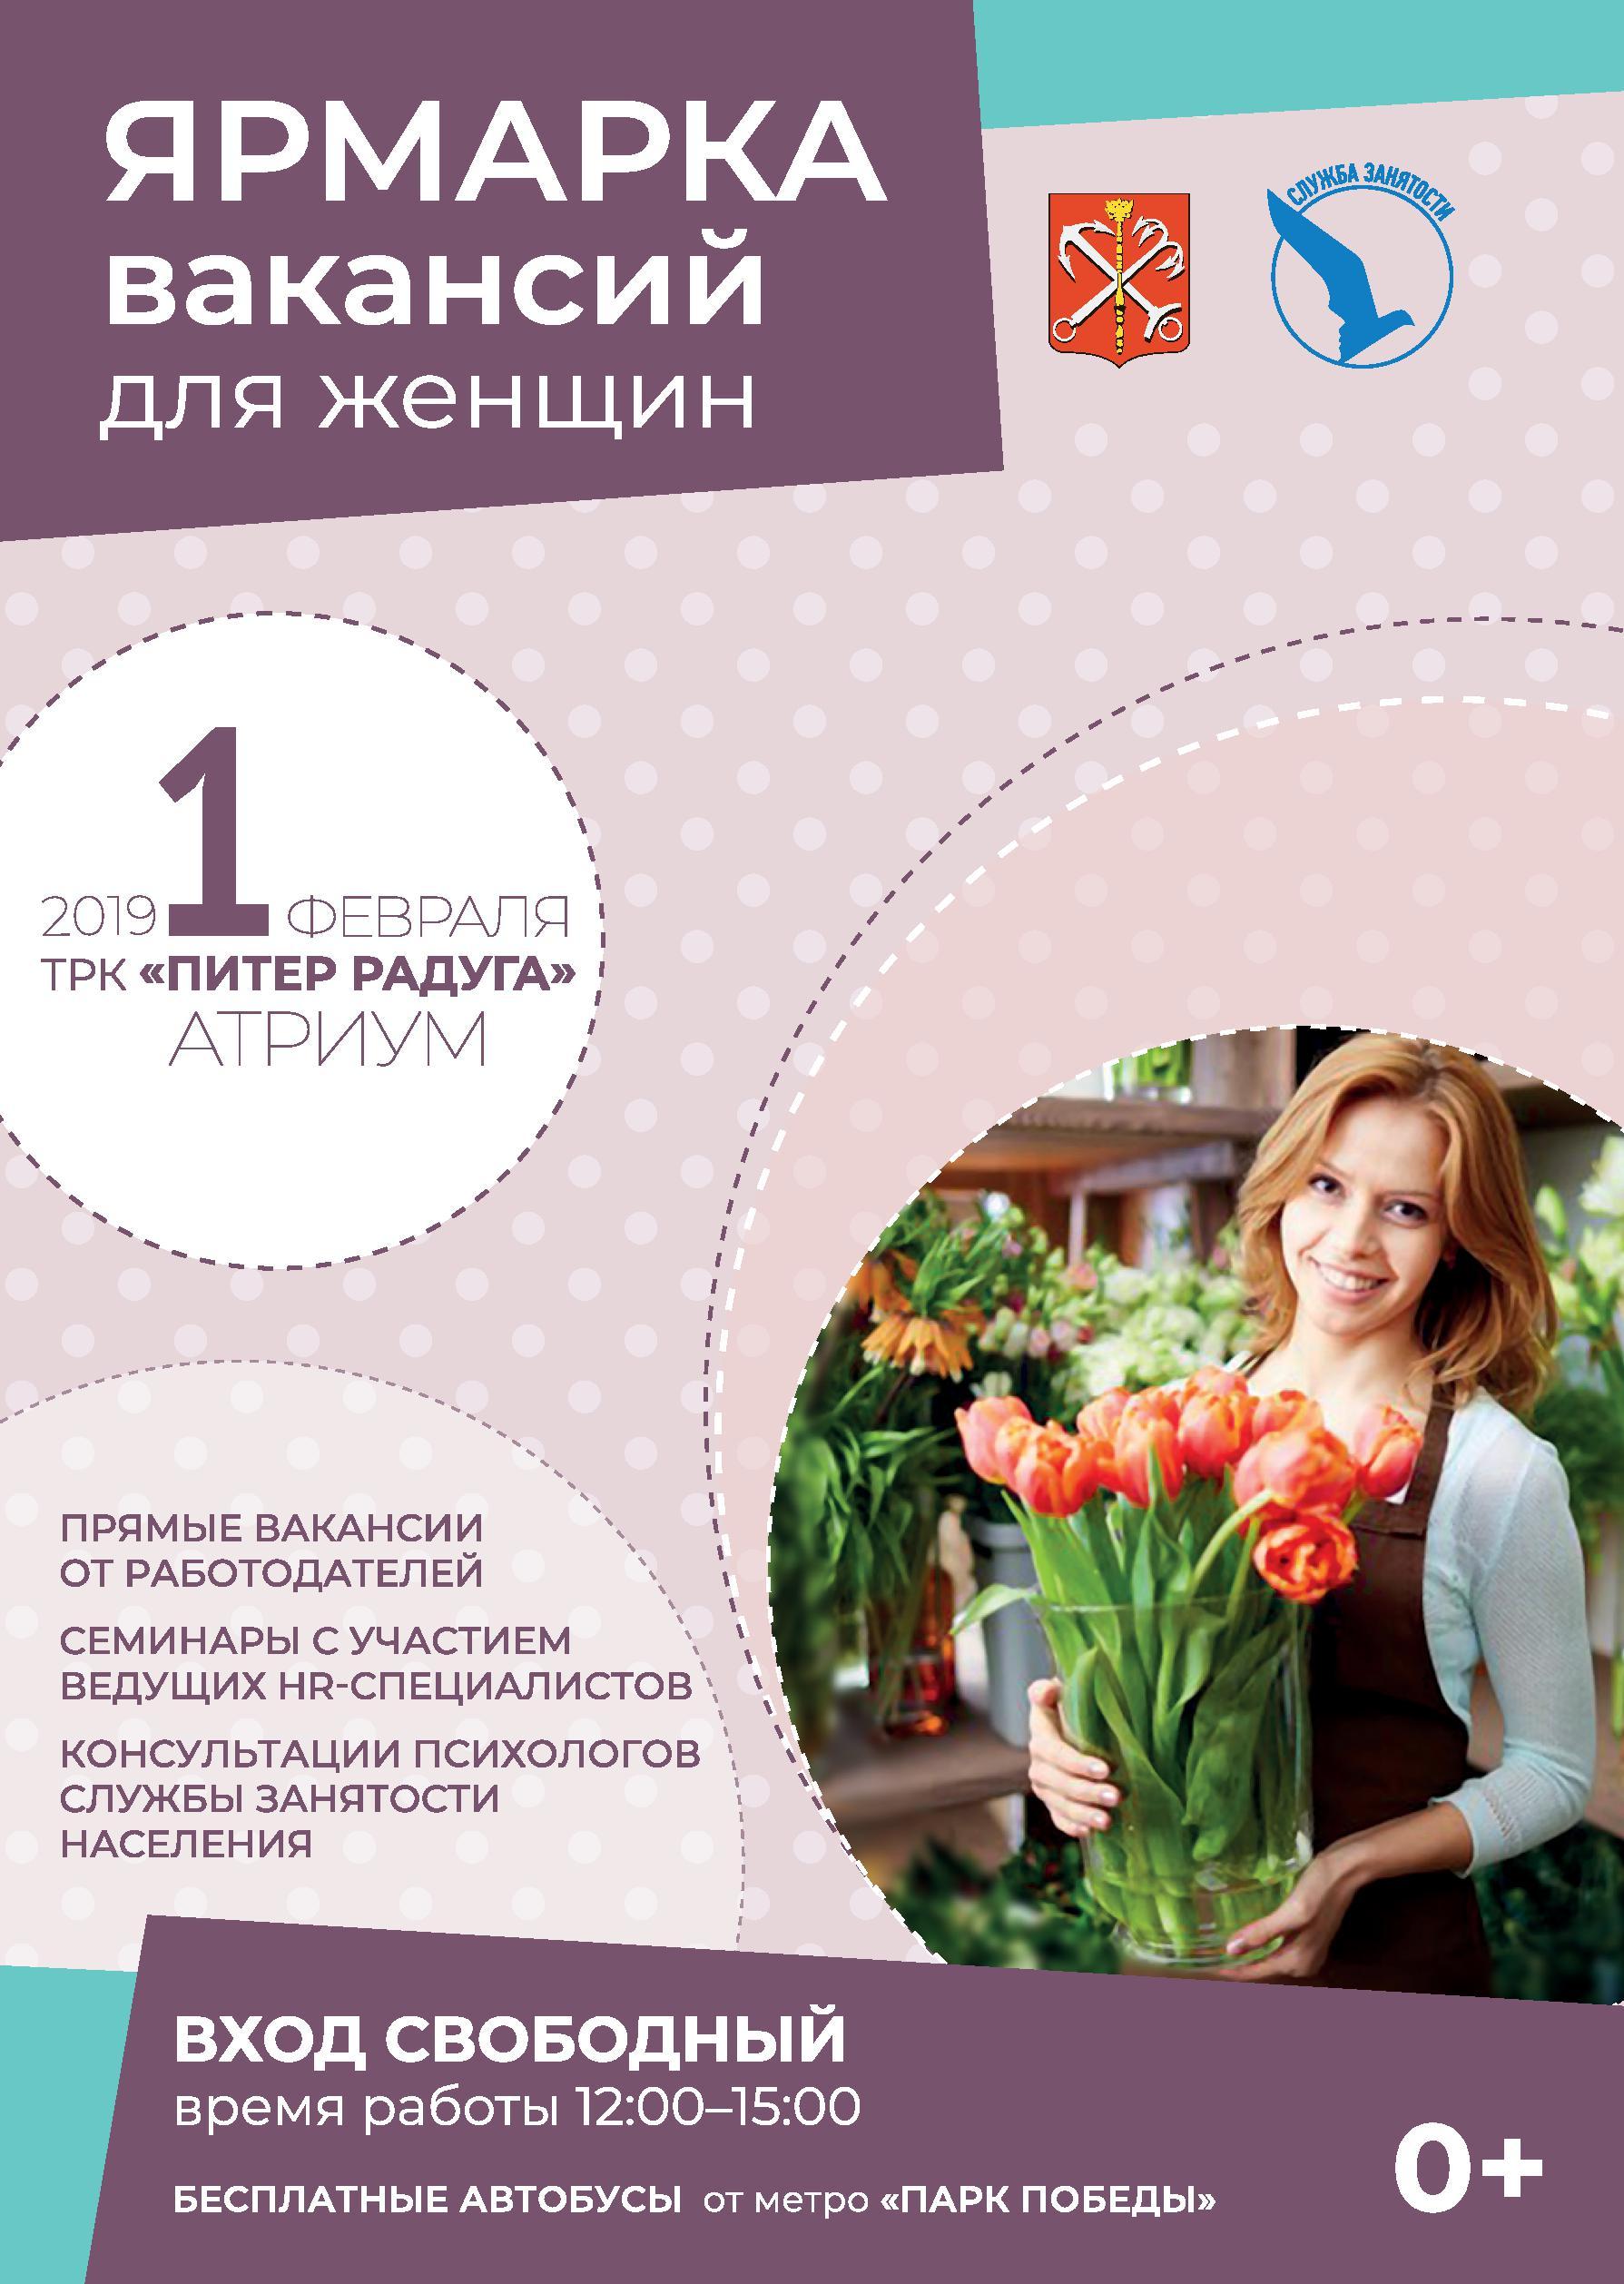 Поздравления с днем рождения женщине делопроизводителю фото 475